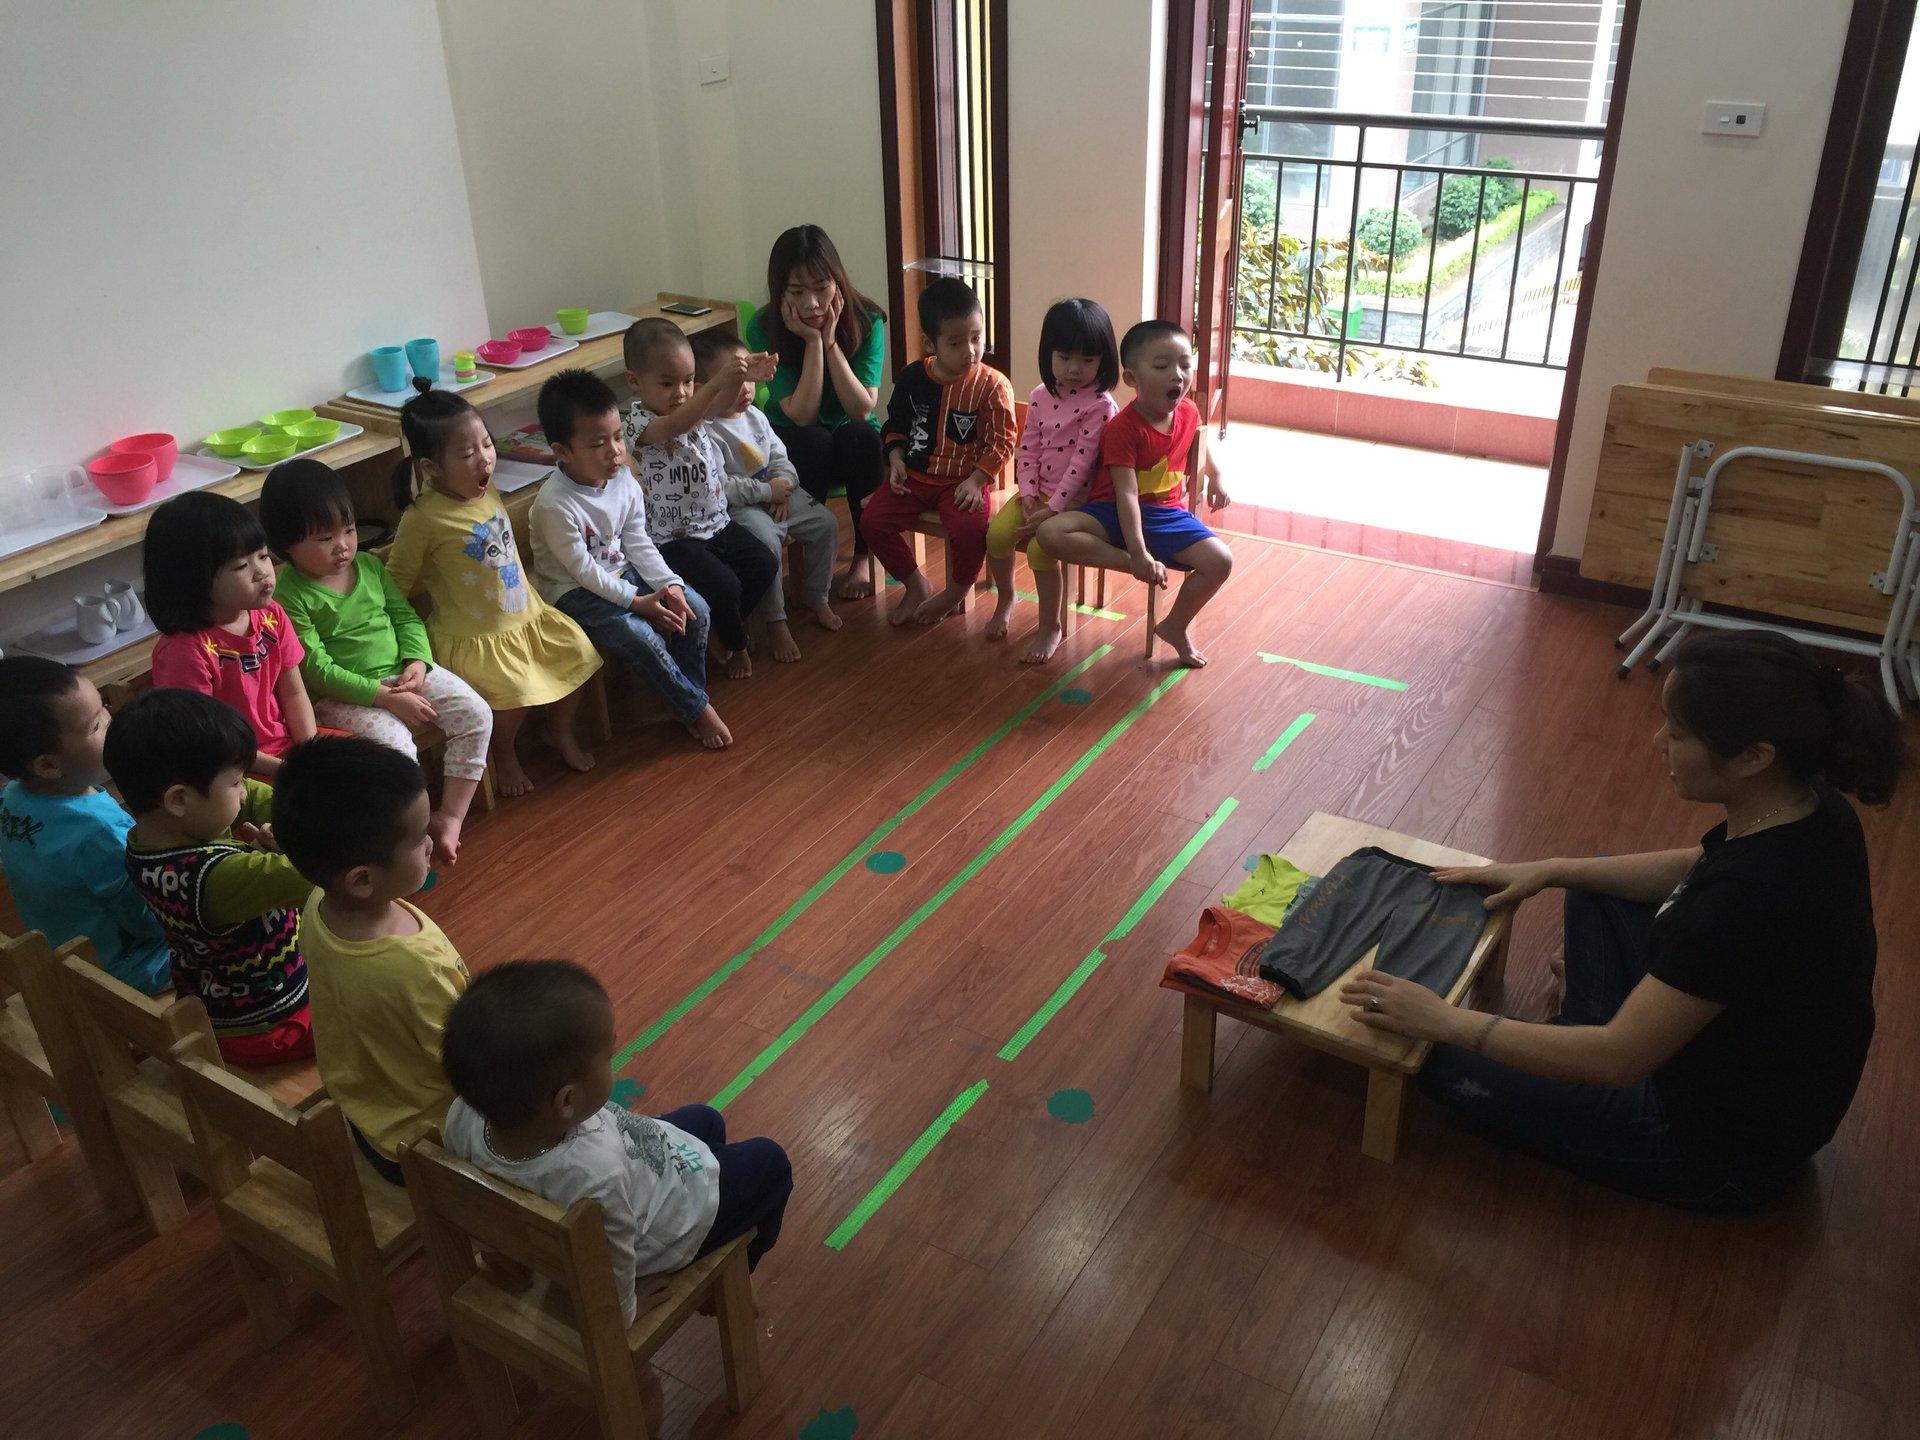 Trường mầm non Bé Xinh VOV (Baby's House VOV) - Mễ Trì